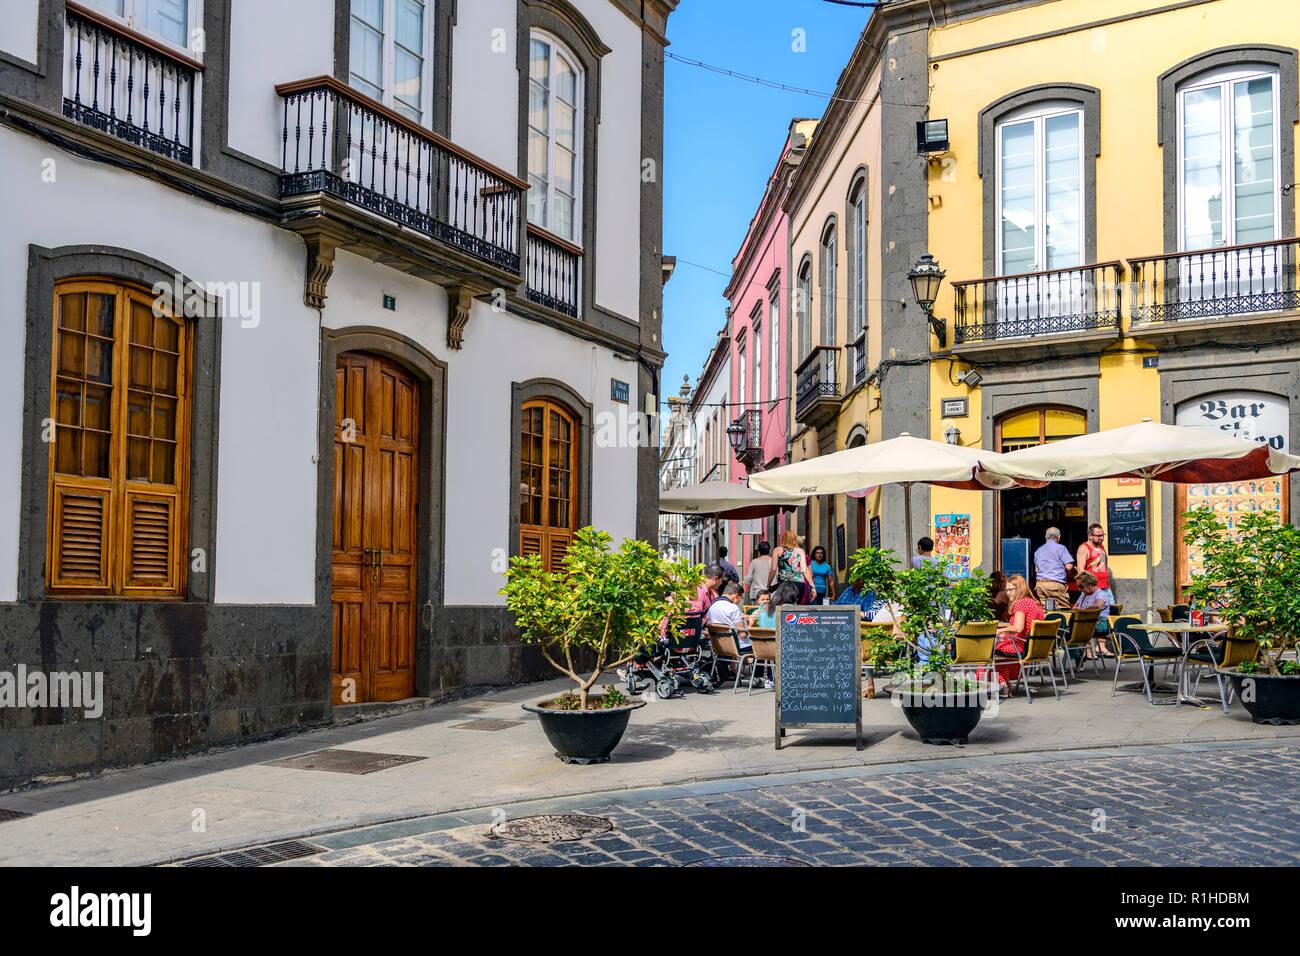 Die Menschen Essen und Trinken in einer lokalen Bar/Cafe, Uhr Straße, Arucas auf Gran Canaria. Stockbild